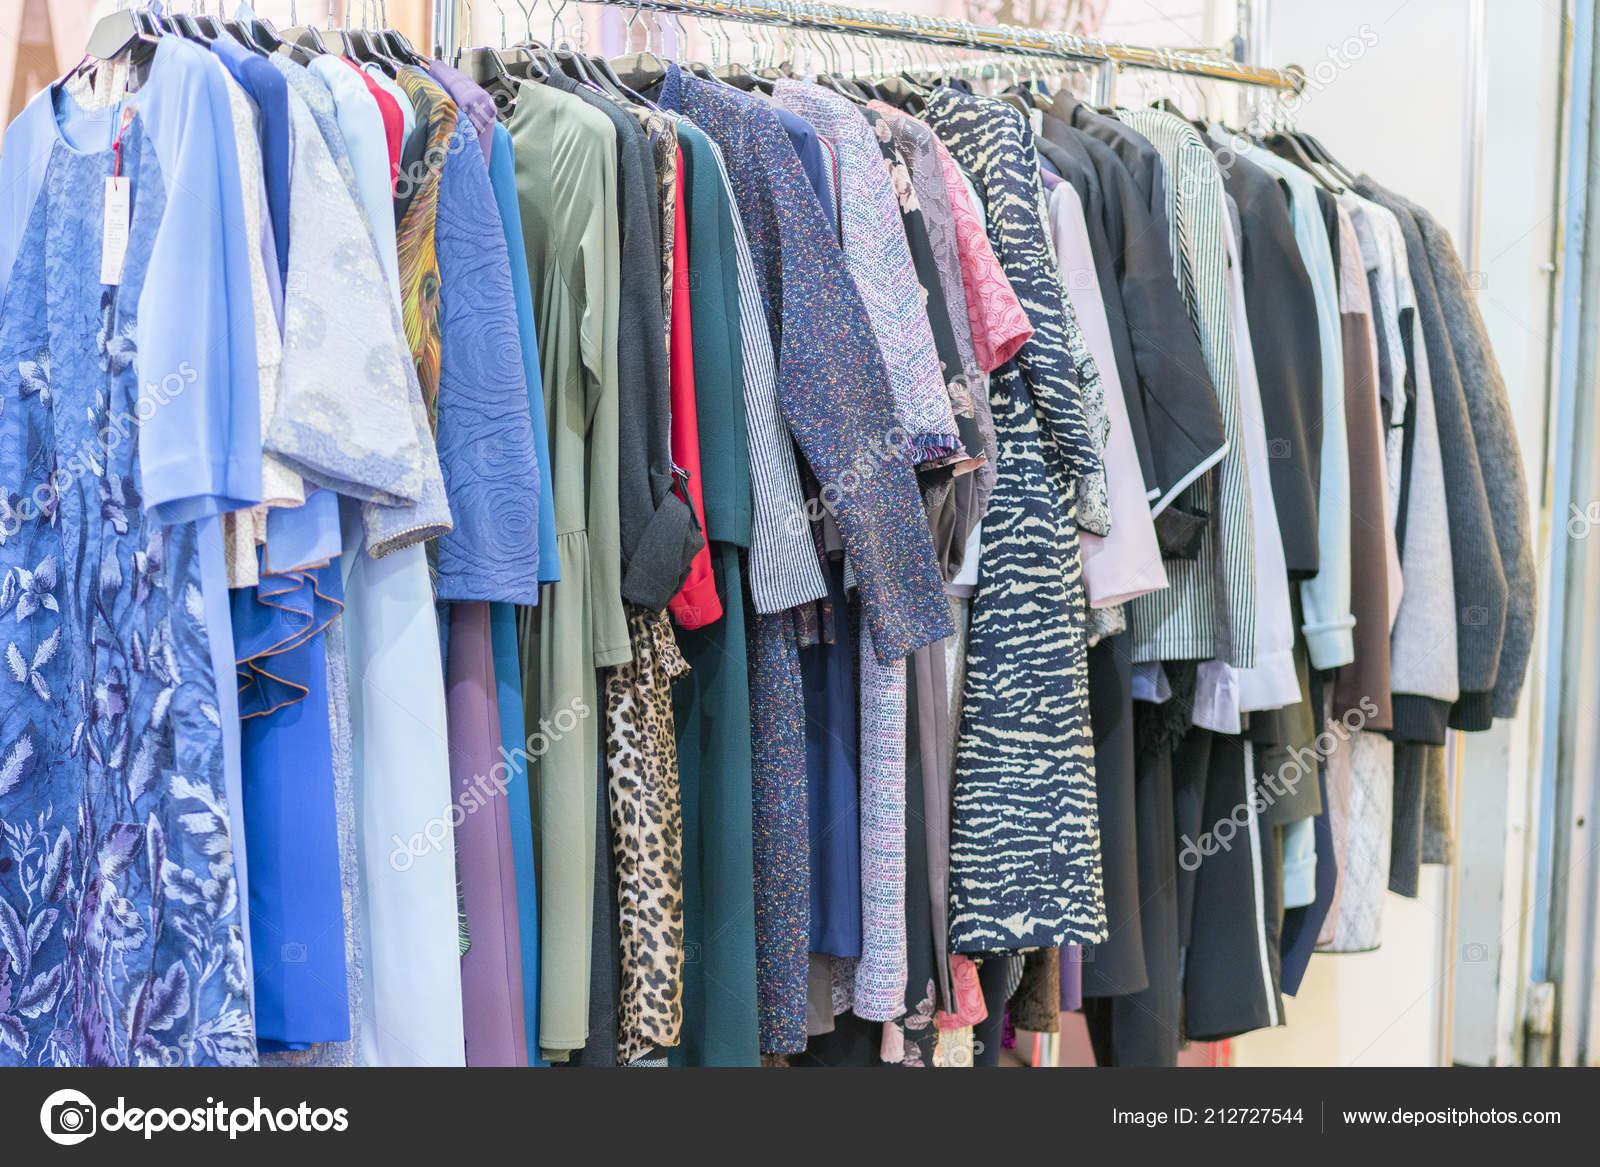 9db5e5302c40 Πολύχρωμα Γυναικεία Φορέματα Στις Κρεμάστρες Ένα Κατάστημα Λιανικής Πώλησης  Μόδα — Φωτογραφία Αρχείου